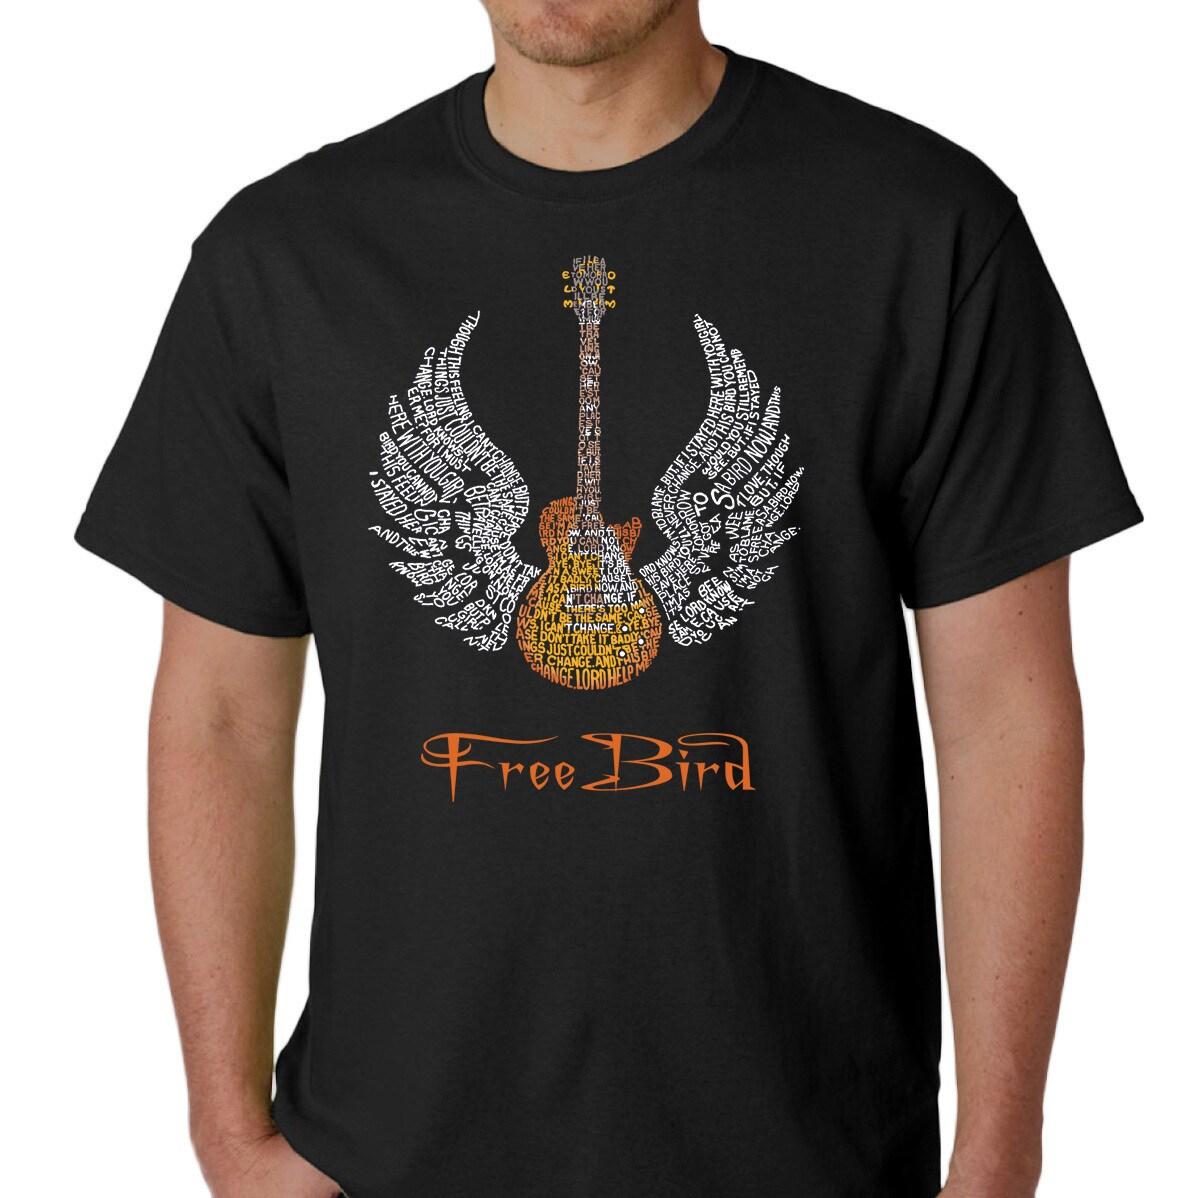 meet a45dd b6be0 Skynyrd Men's Rock & Roll Freebird 'Lyric' T-shirt